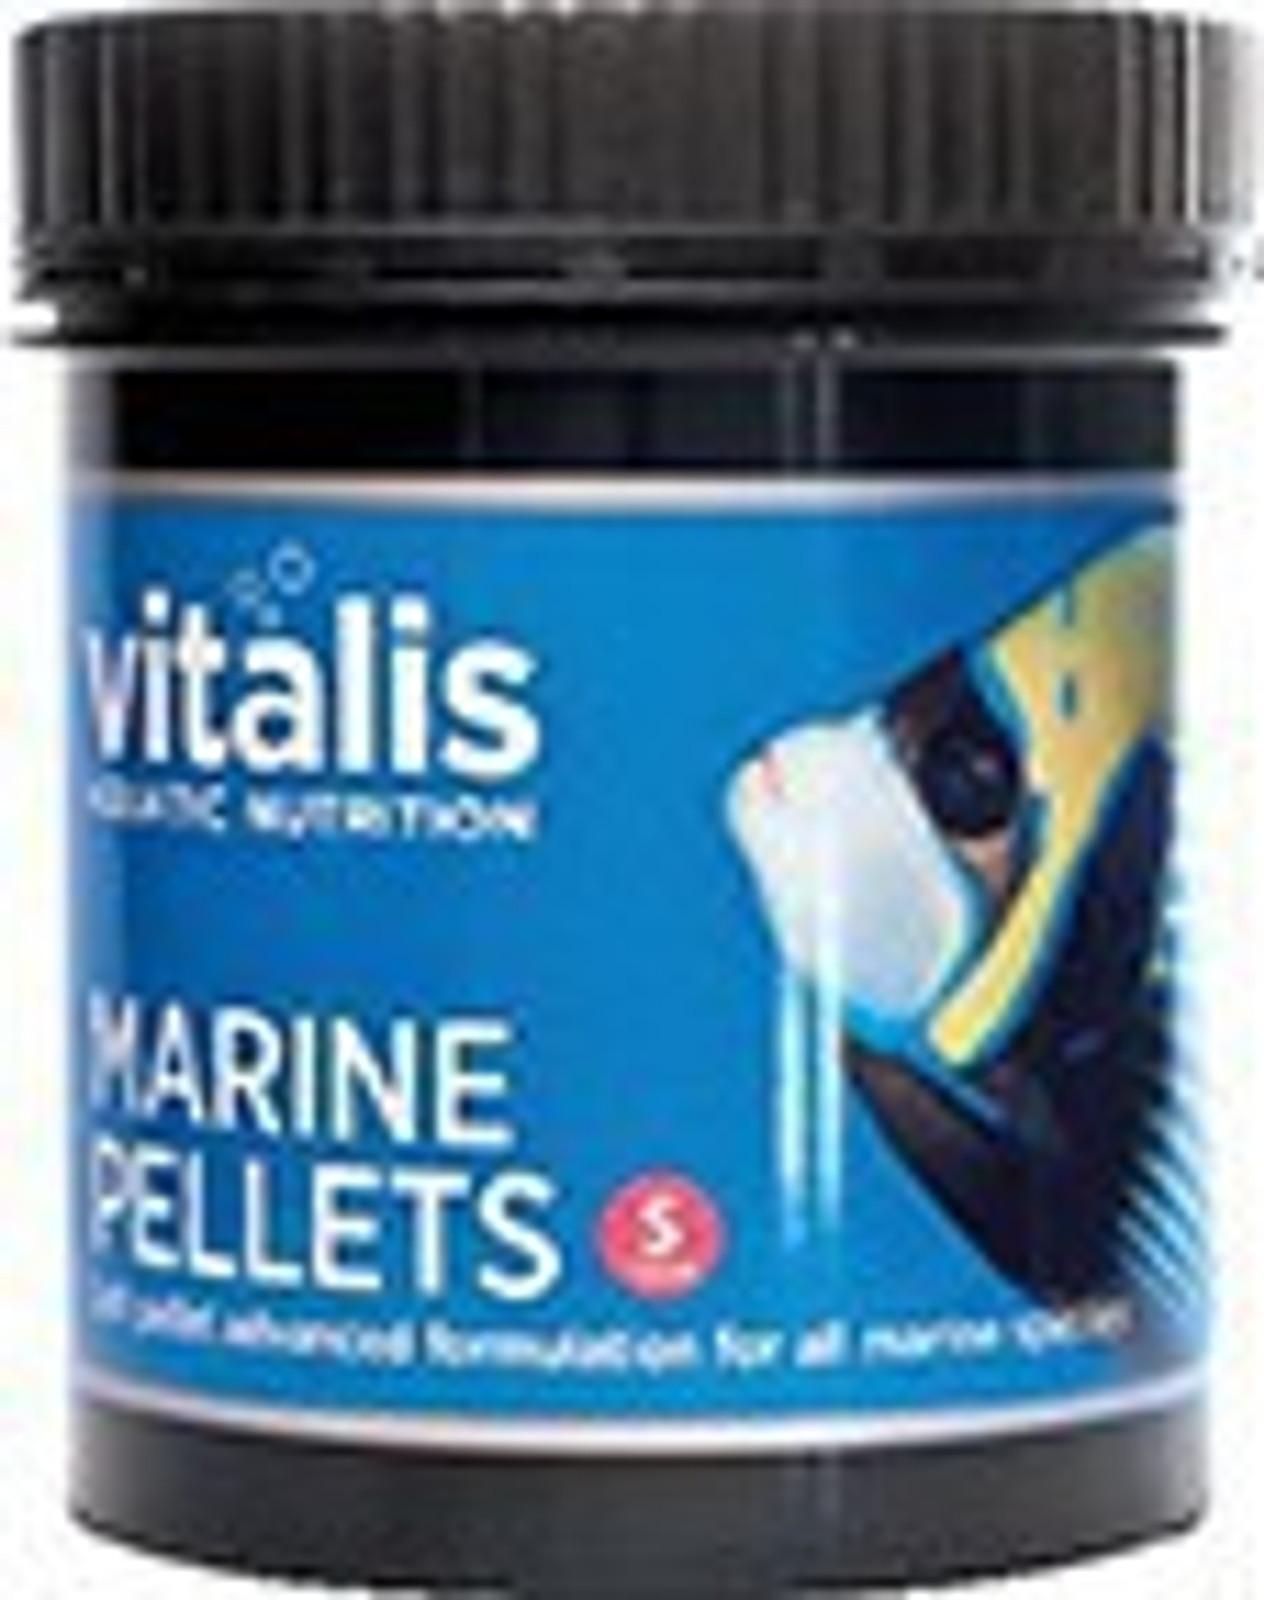 vitalis Marine Pellets 300 g Ø 1 mm für Meerwasserfische – Bild 1